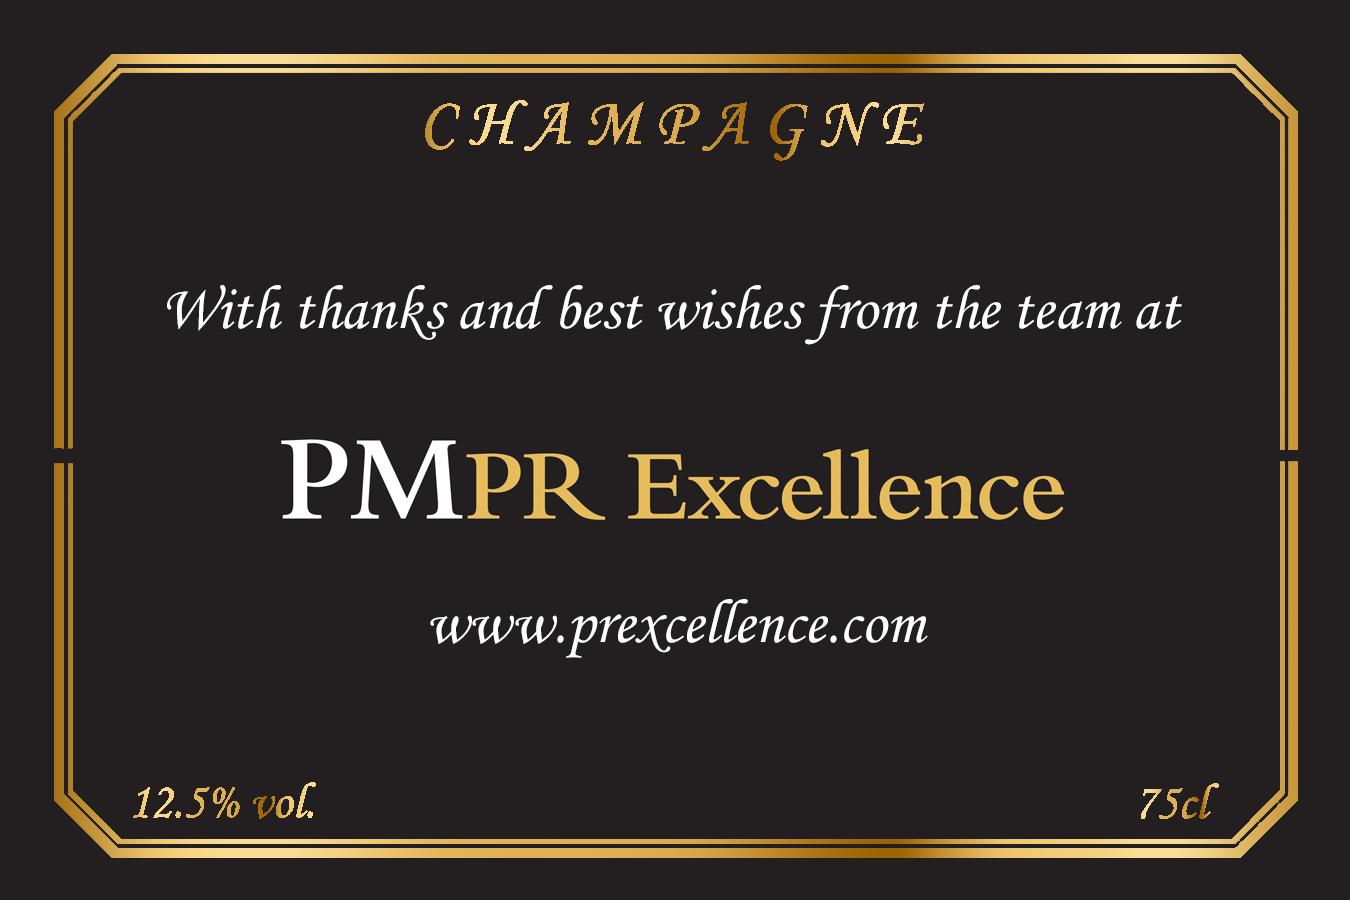 PMPR Excellence Branded Label